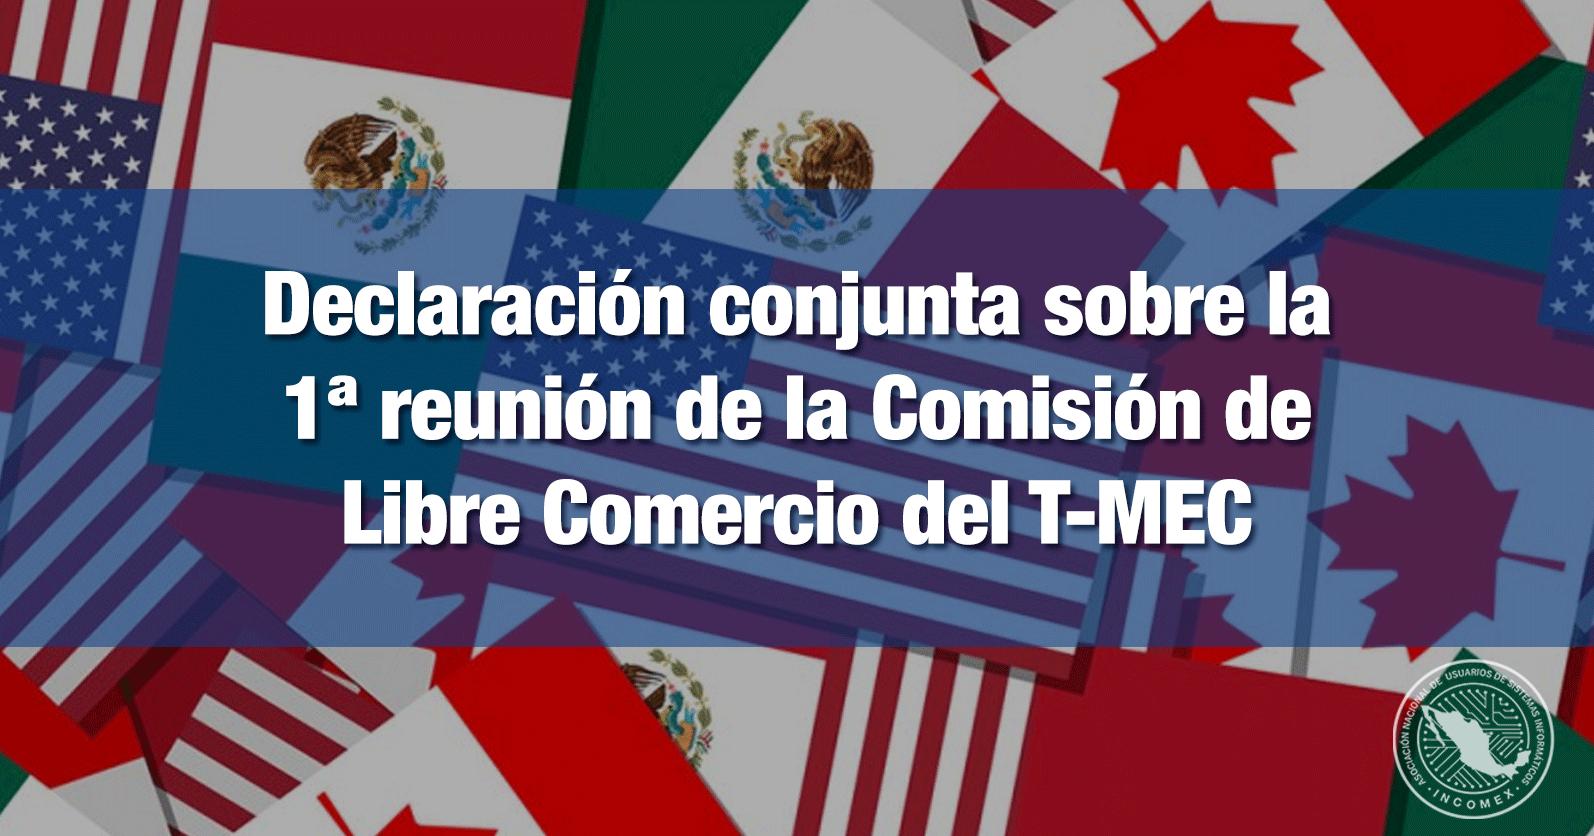 Declaración conjunta sobre la 1ª reunión de la Comisión de Libre Comercio del T-MEC